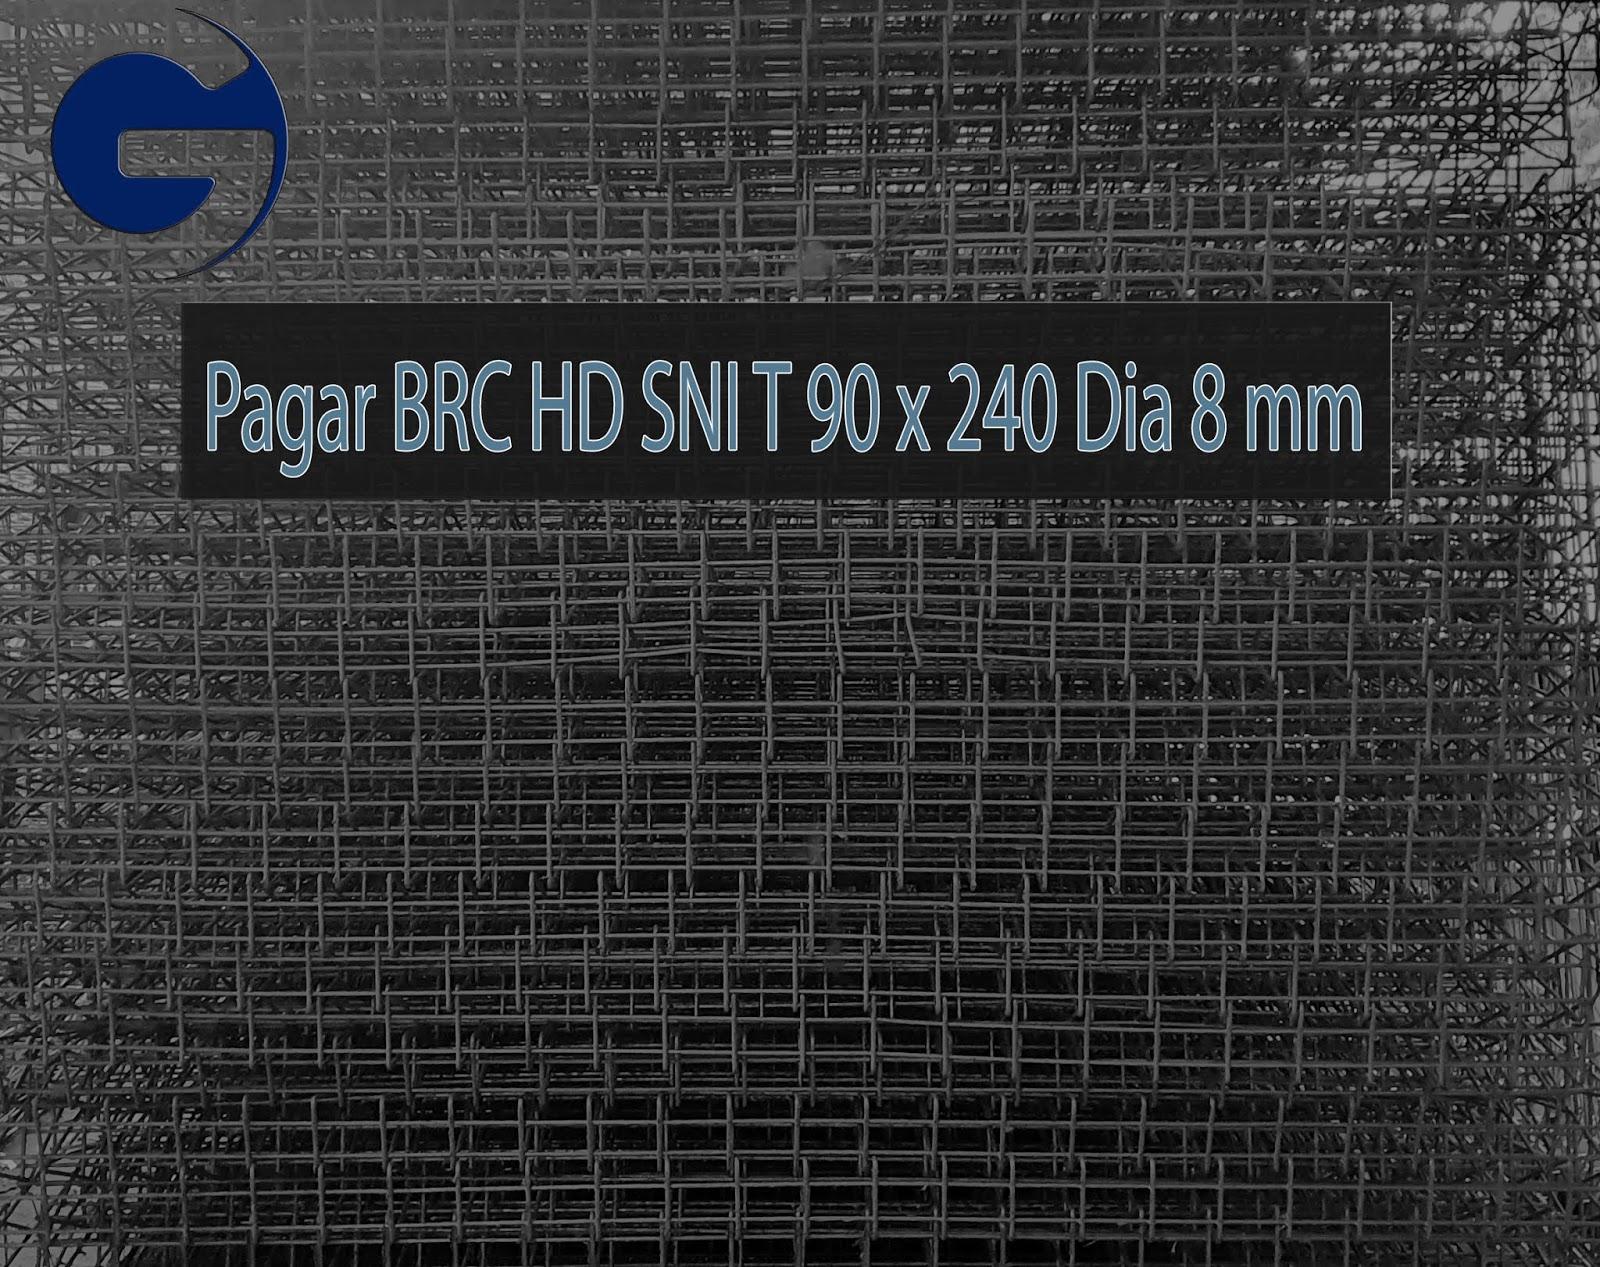 Jual pagar BRC HD SNI T 90 x 240 Dia 8 mm